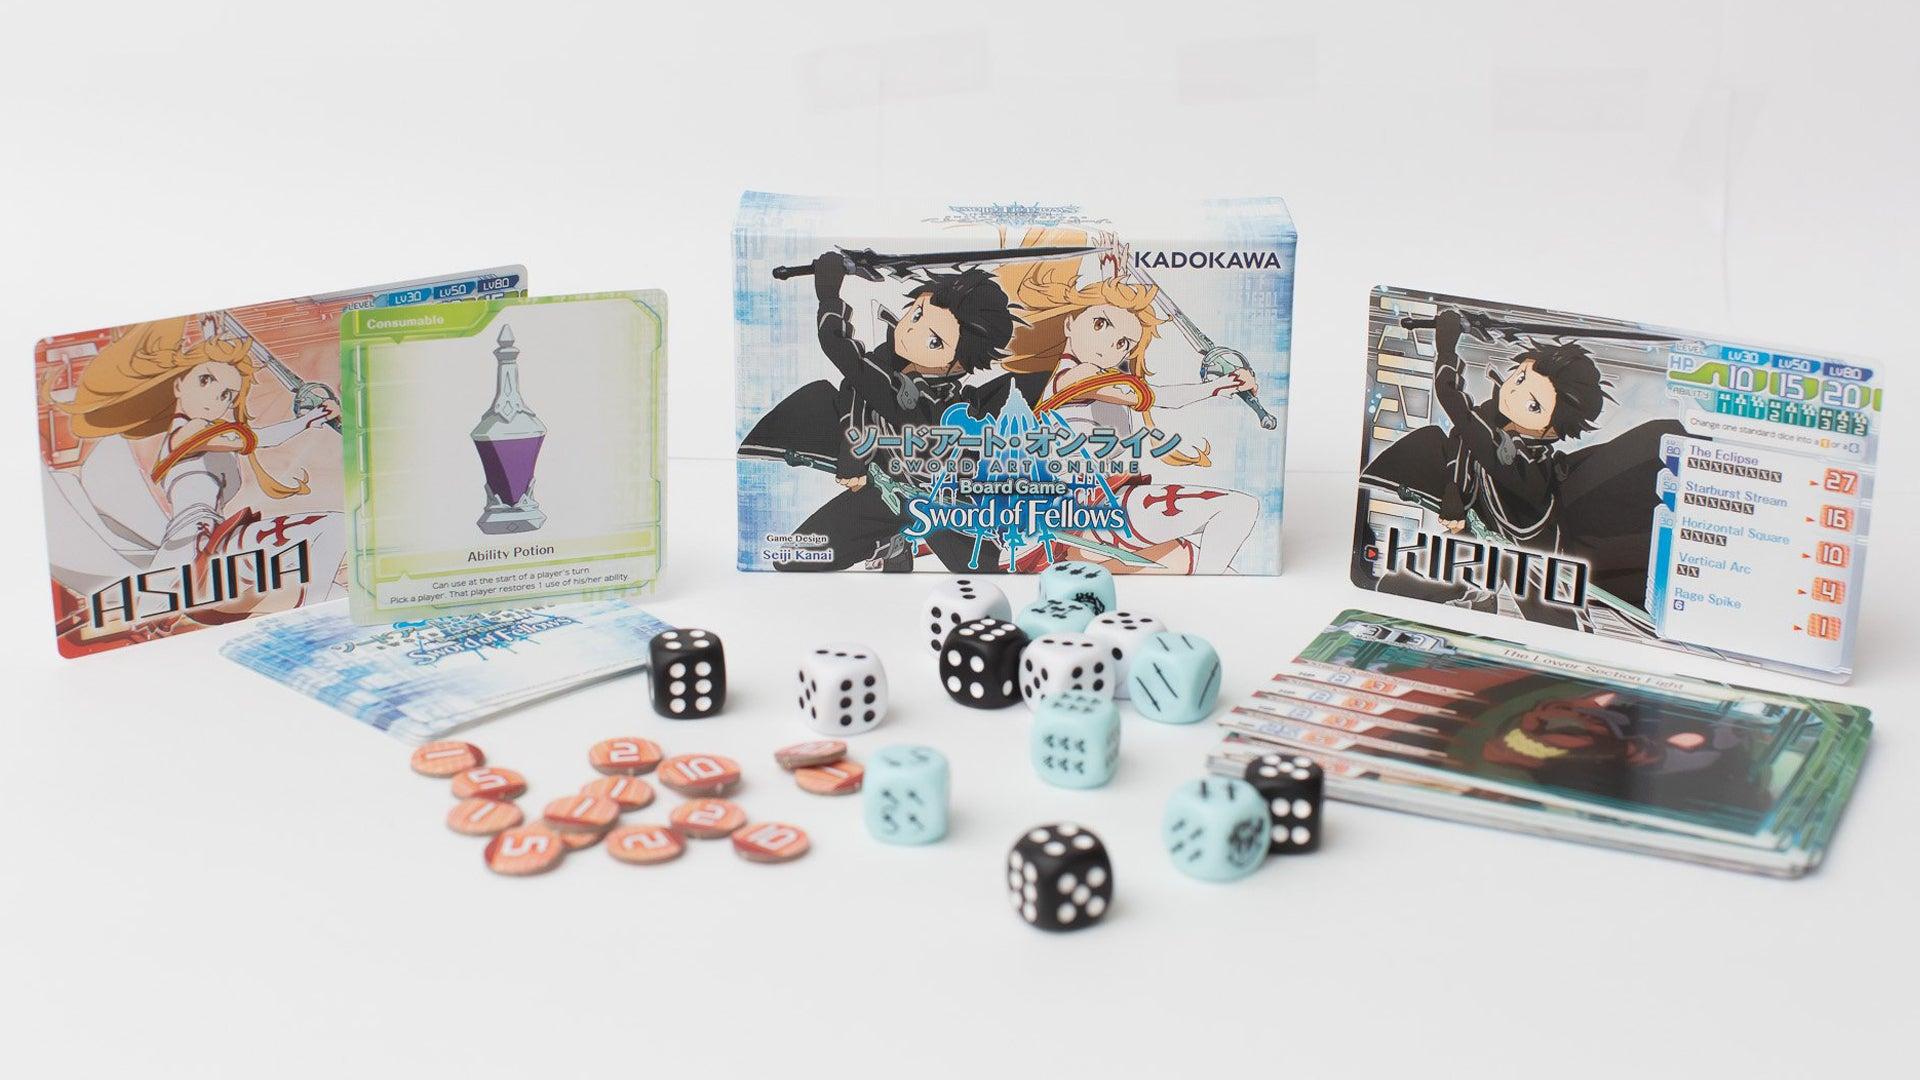 sword-art-online-sword-of-fellows-board-game-contents.jpg